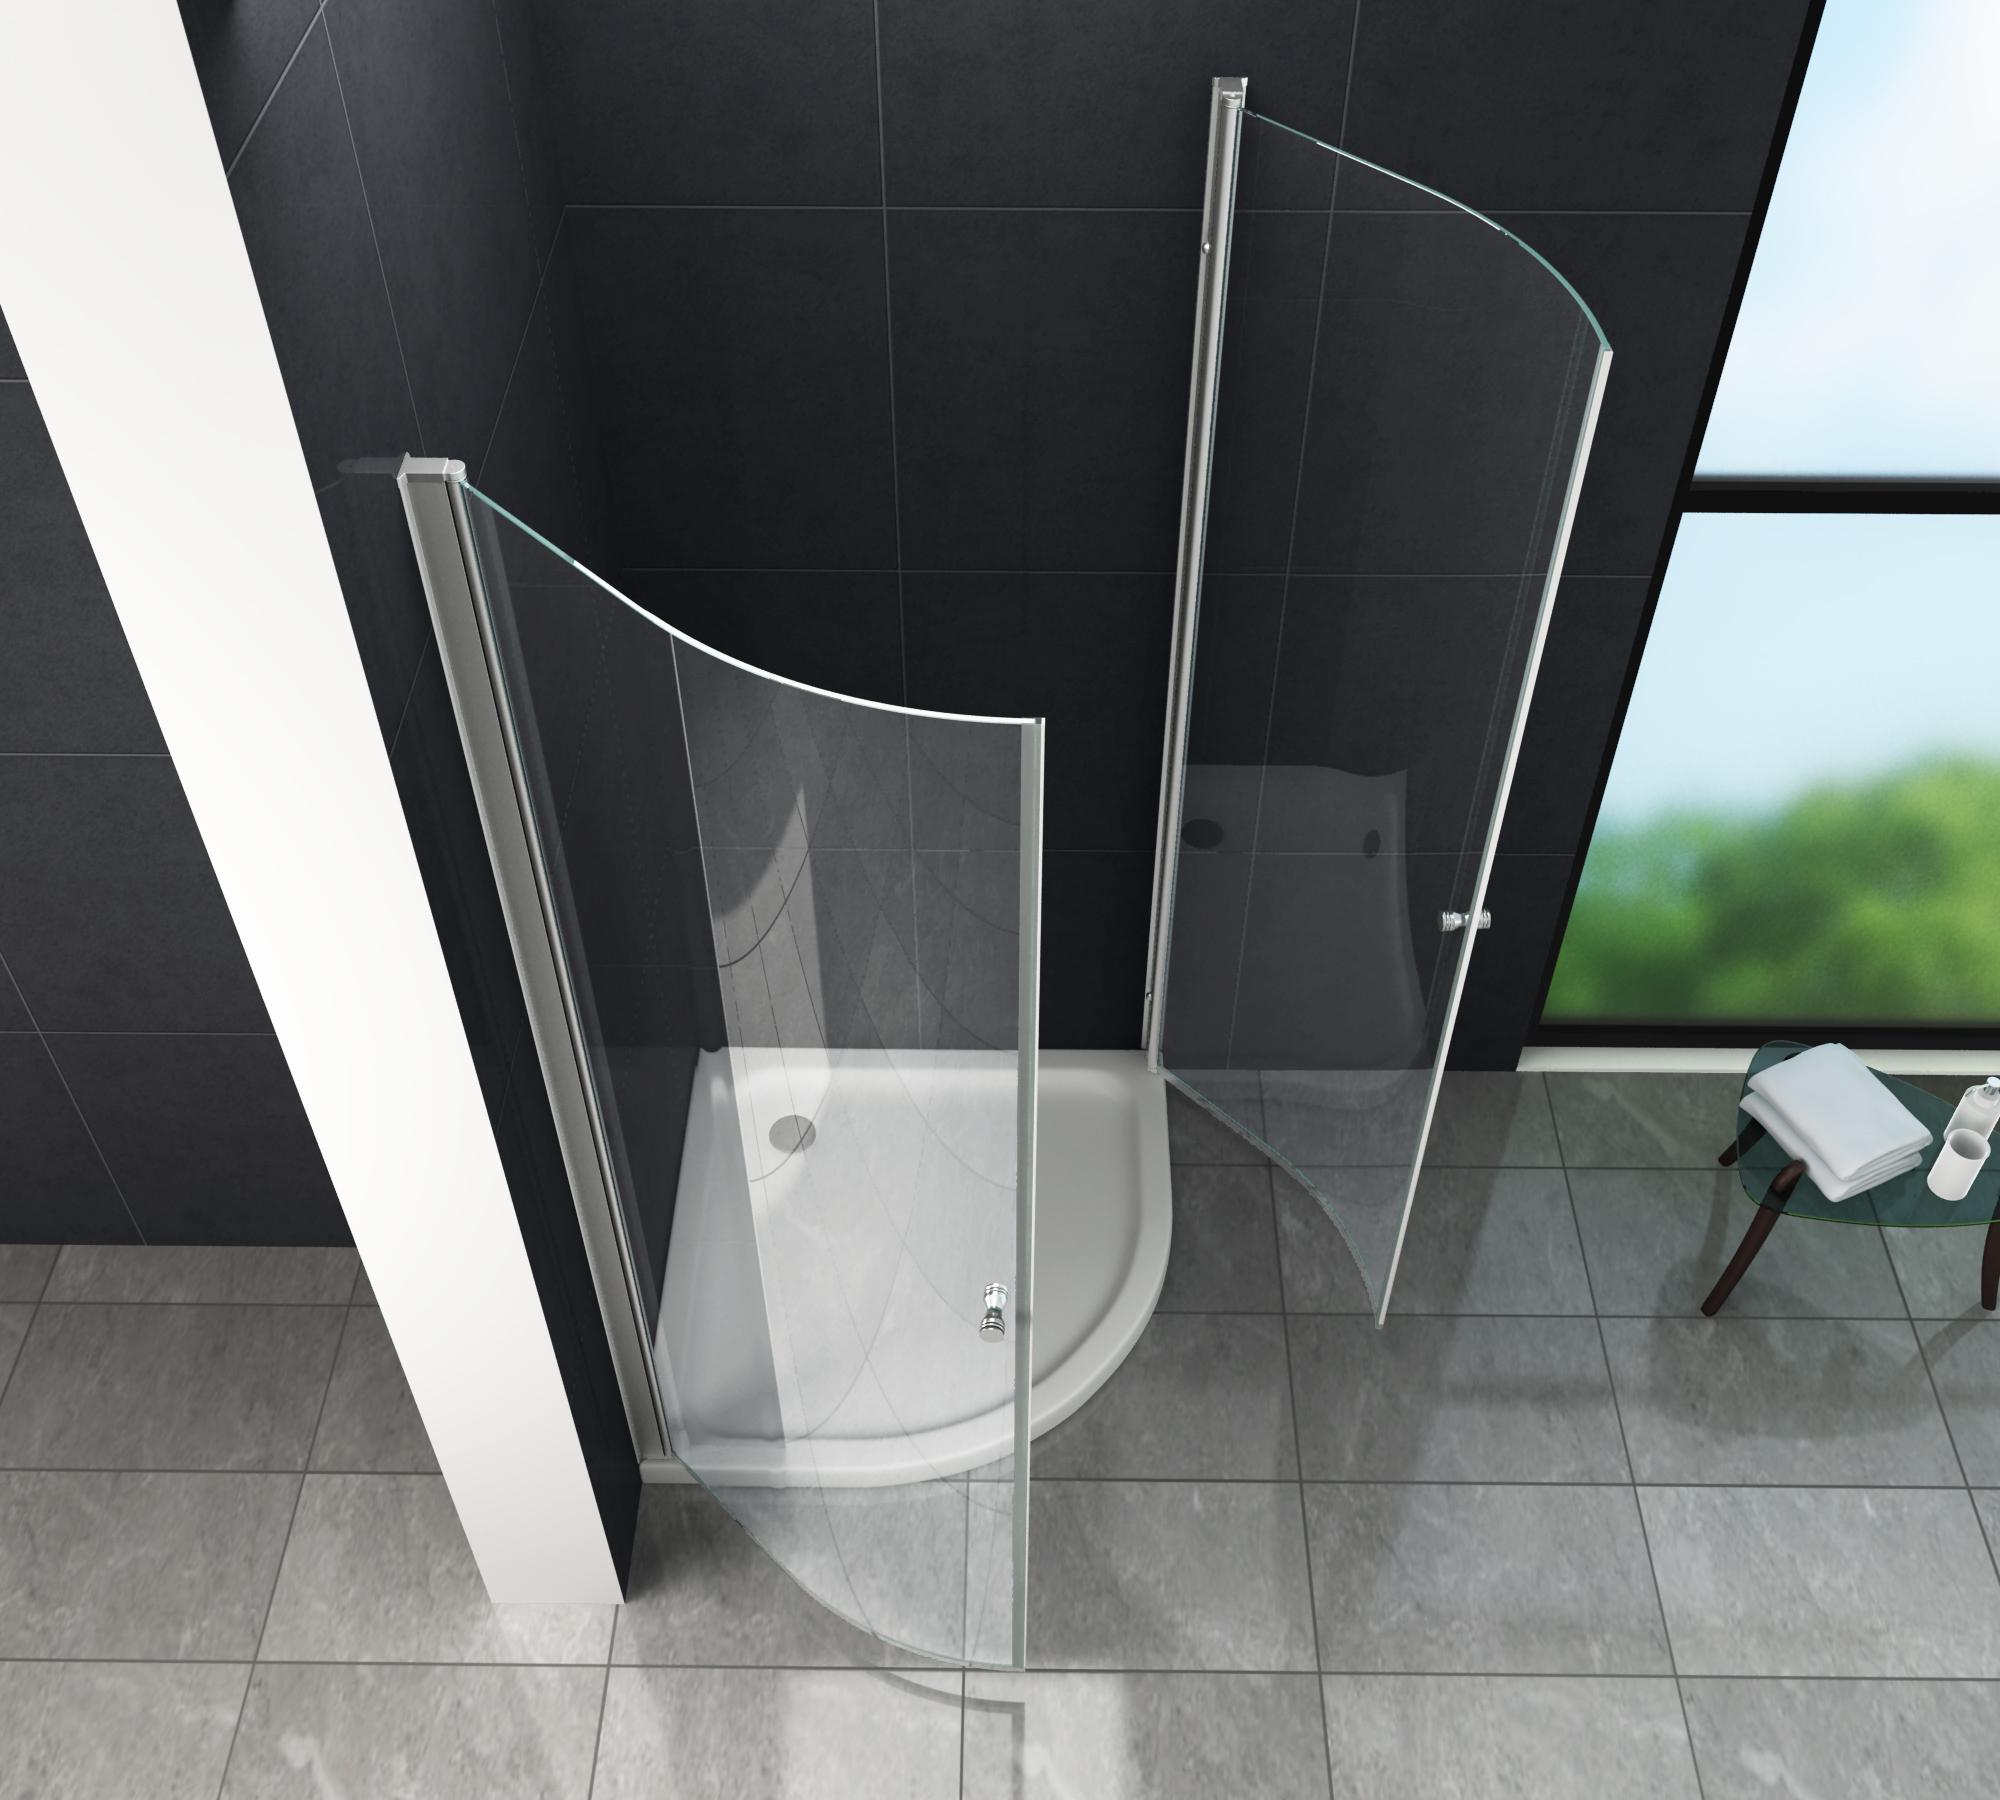 Duschkabine MARISO 80 x 80 x 190 Viertelkreis ohne ...